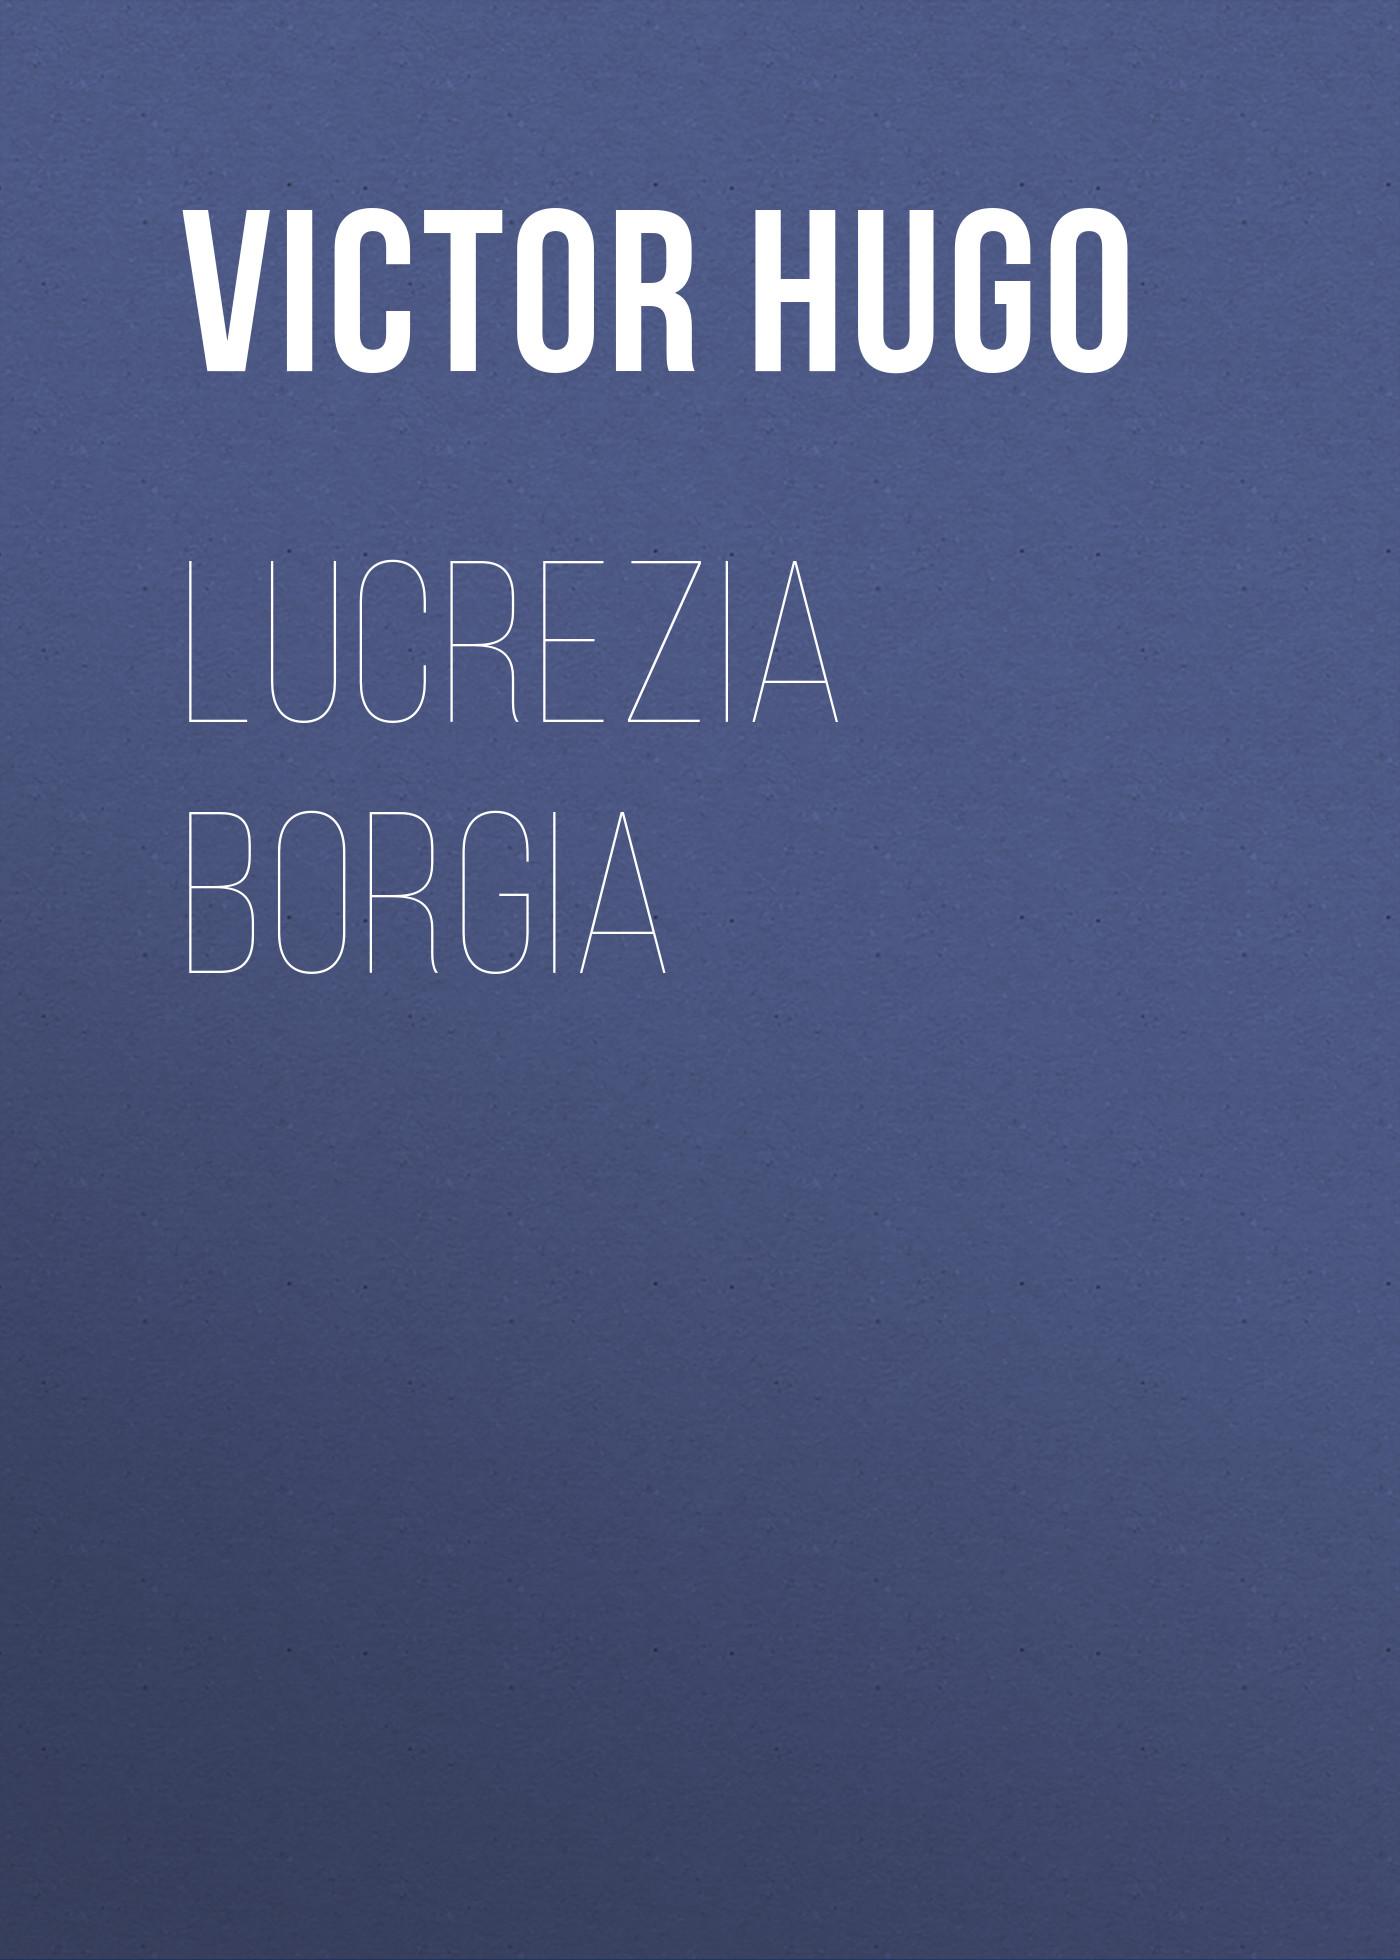 цена на Виктор Мари Гюго Lucrezia Borgia